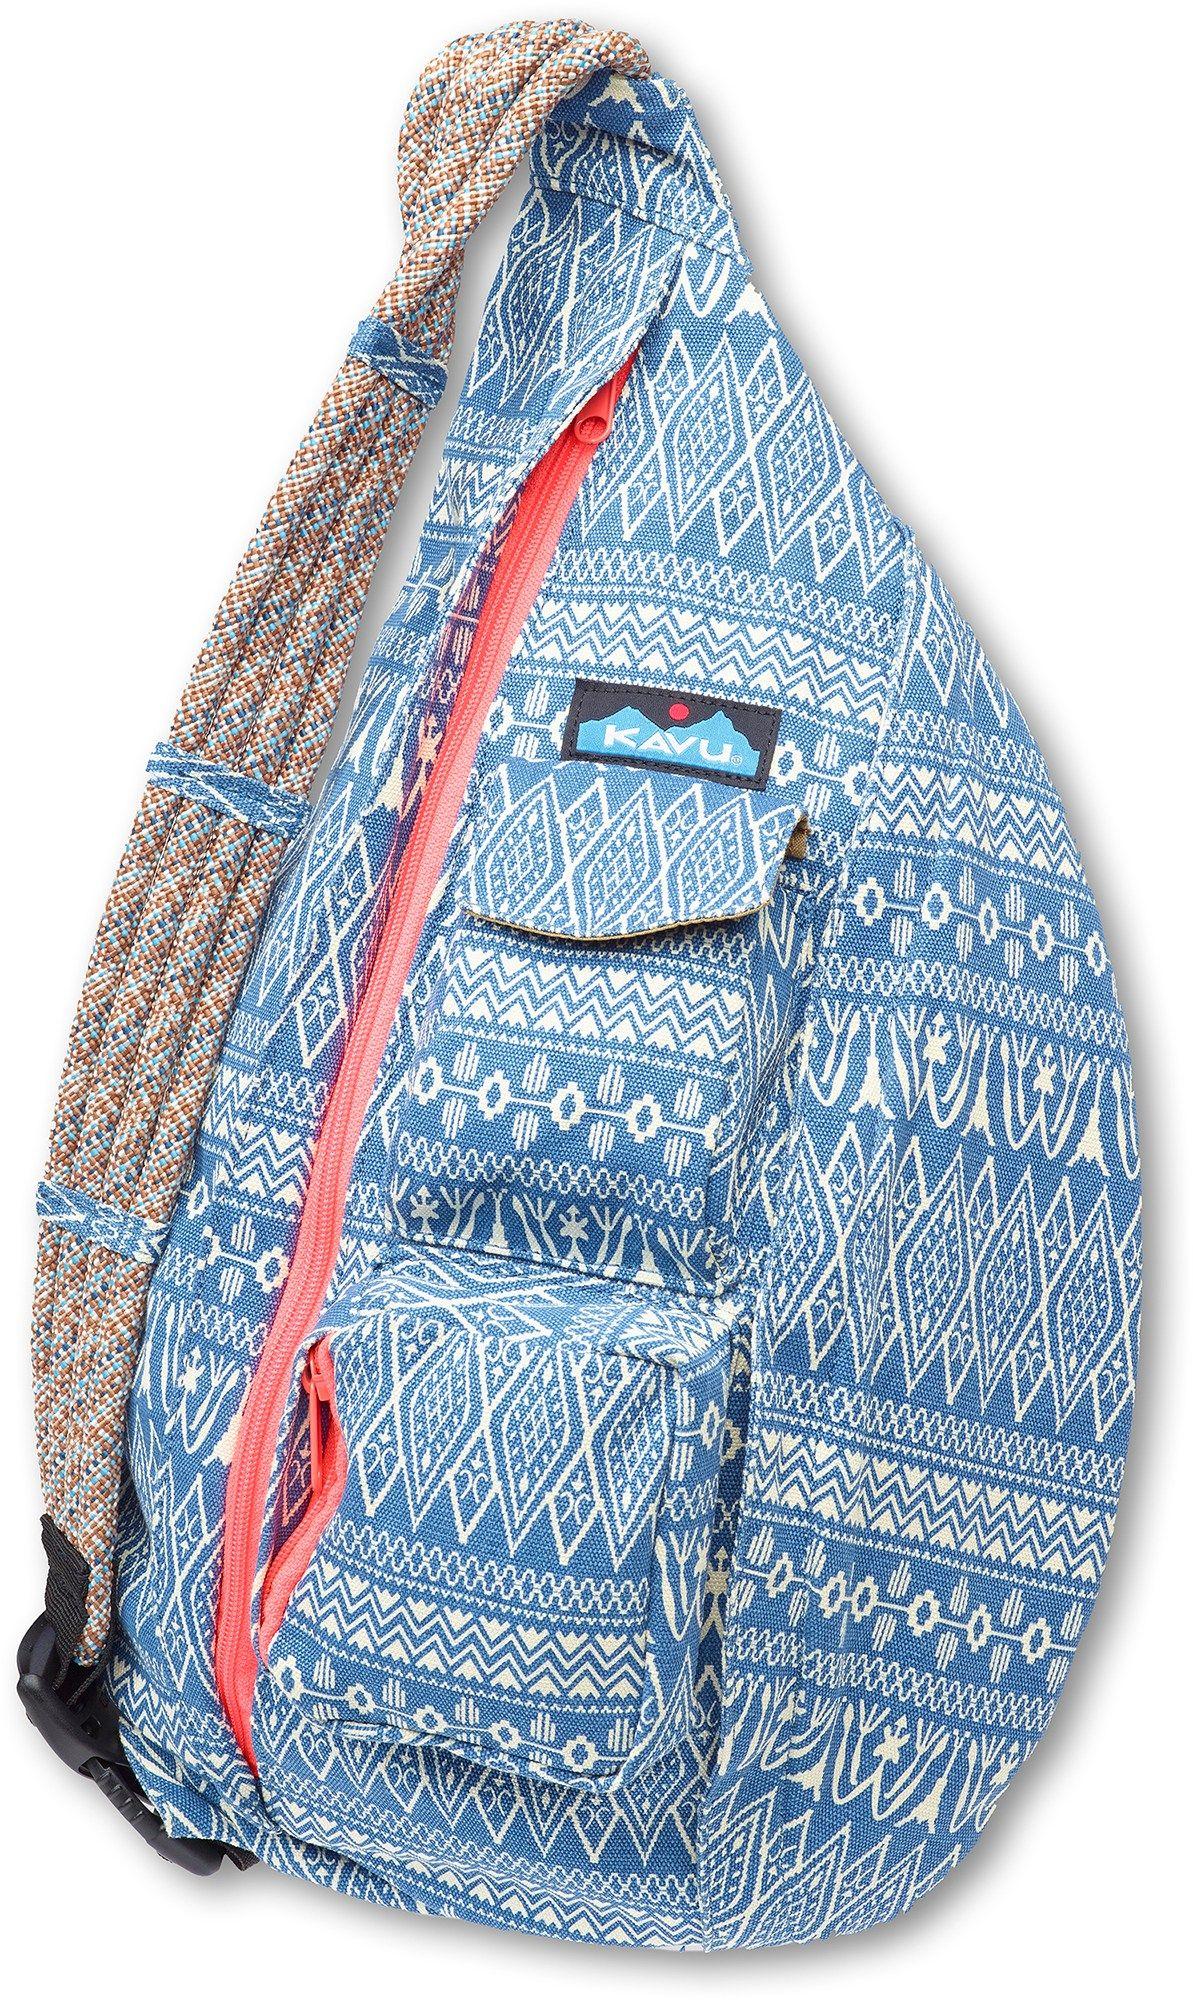 KAVU Rope Sling Bag - REI.com a6b866e2ce6da